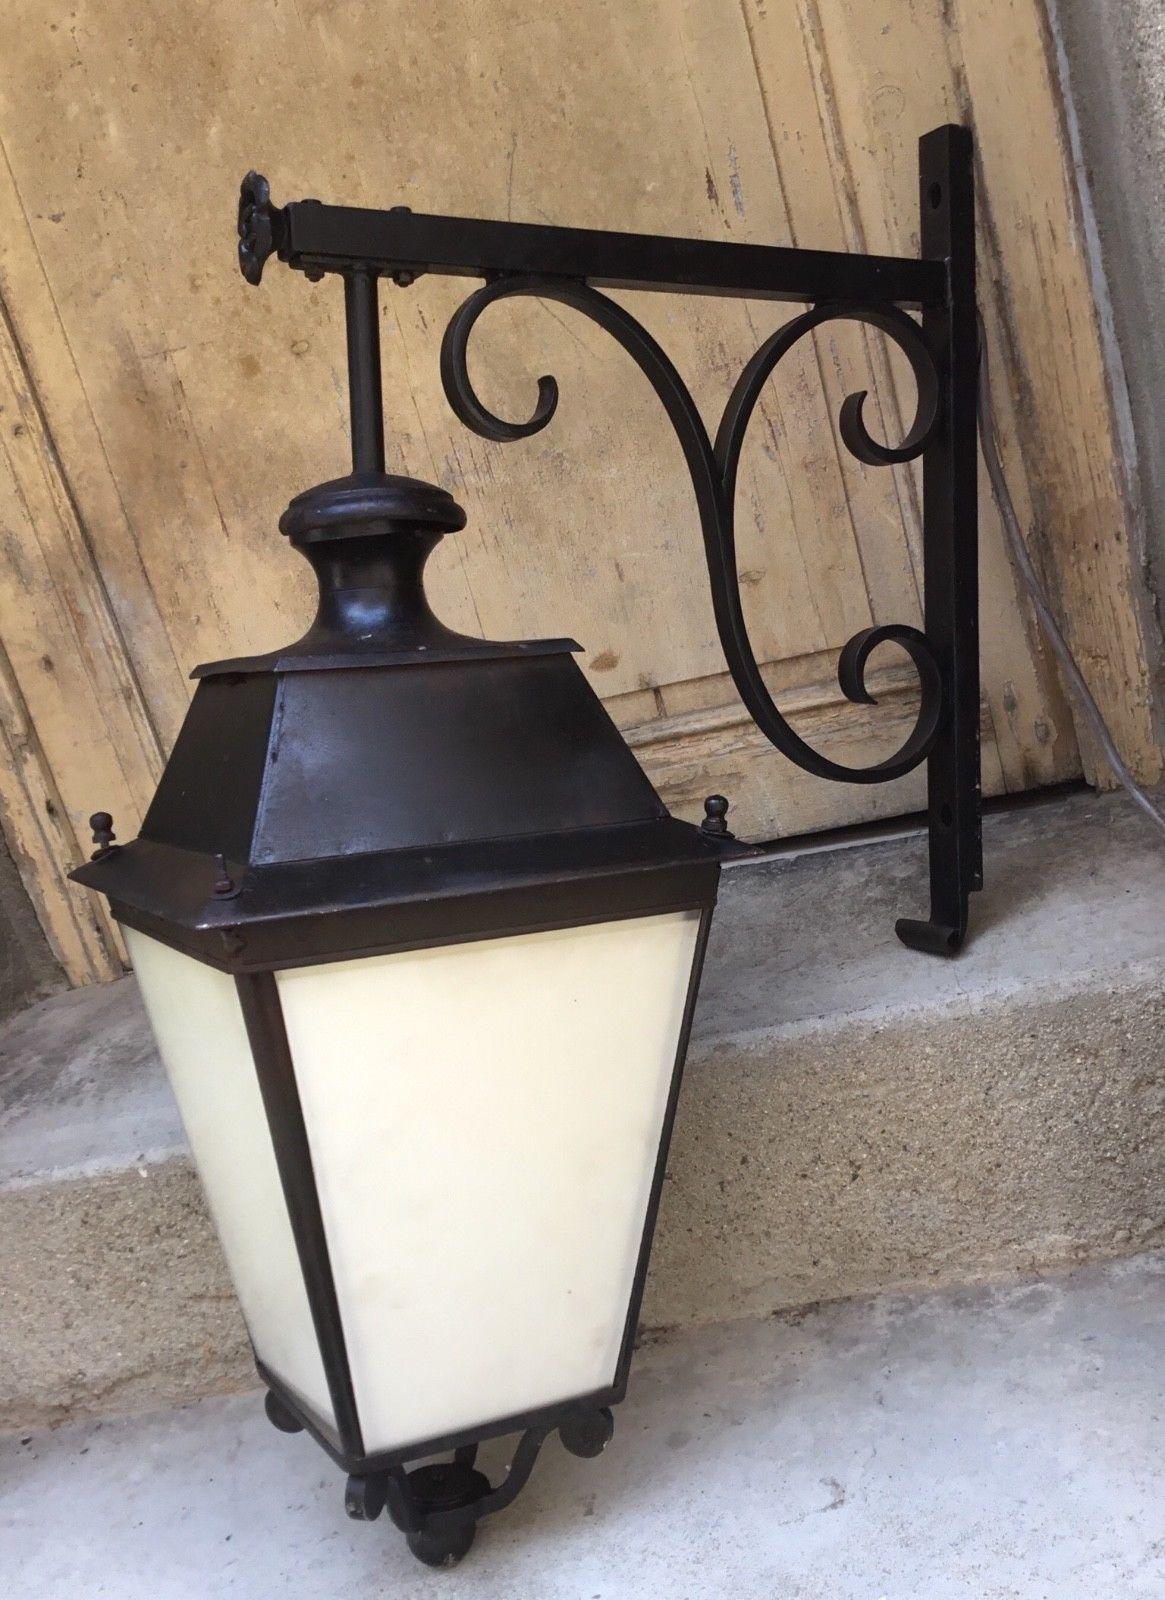 Ancien Lampadaire Urbain Lanterne En Fer Forge Metal Design Urbain Eur 50 00 Ancien Lampadaire Urbain Lantern Lampadaire Lampadaire Exterieur Lanterne